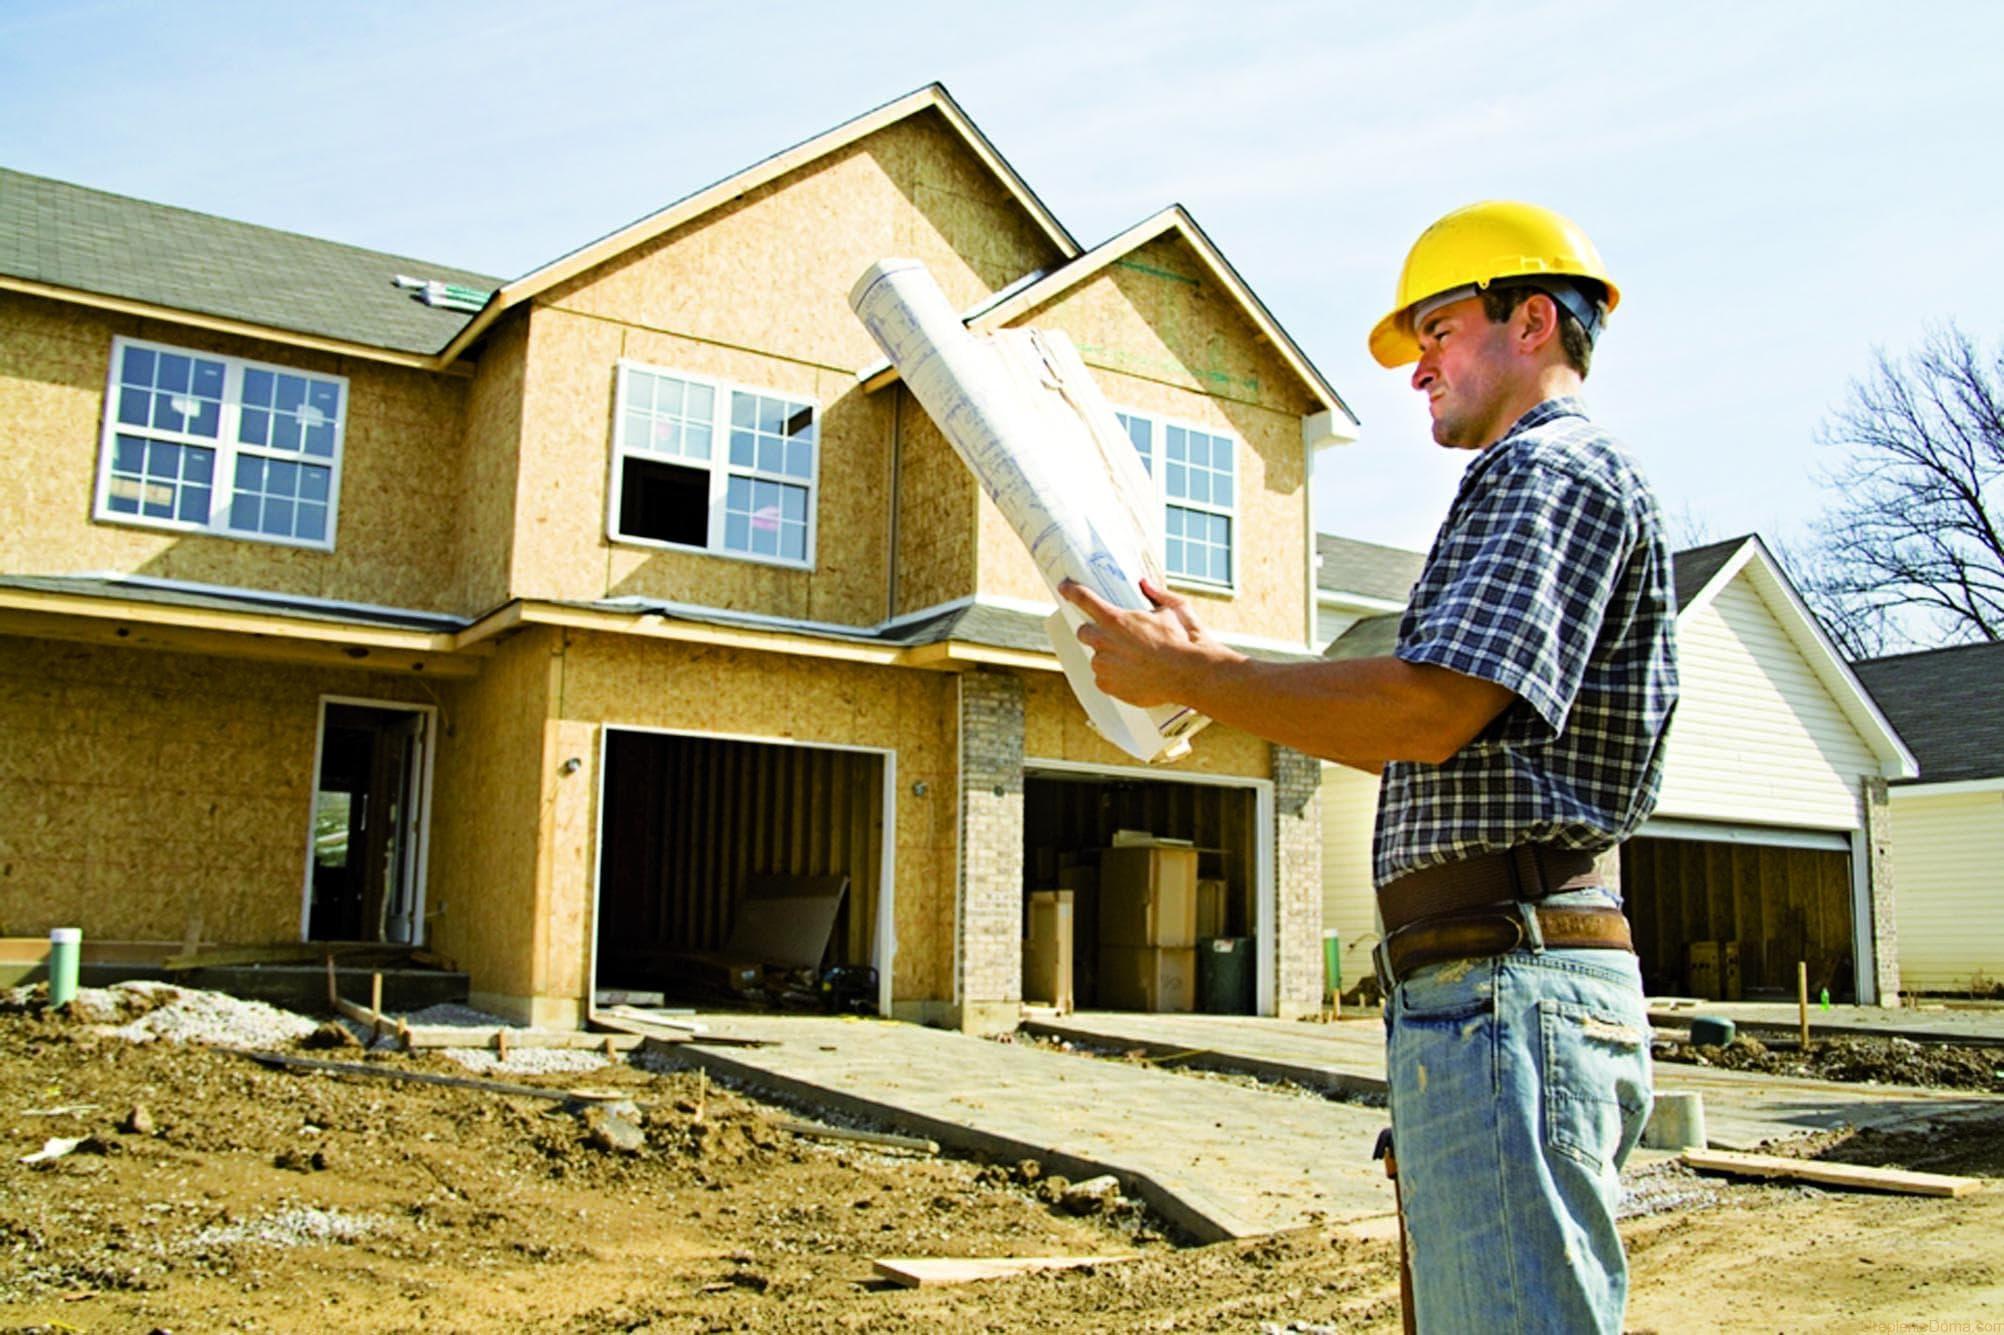 купить или построить дом за и против